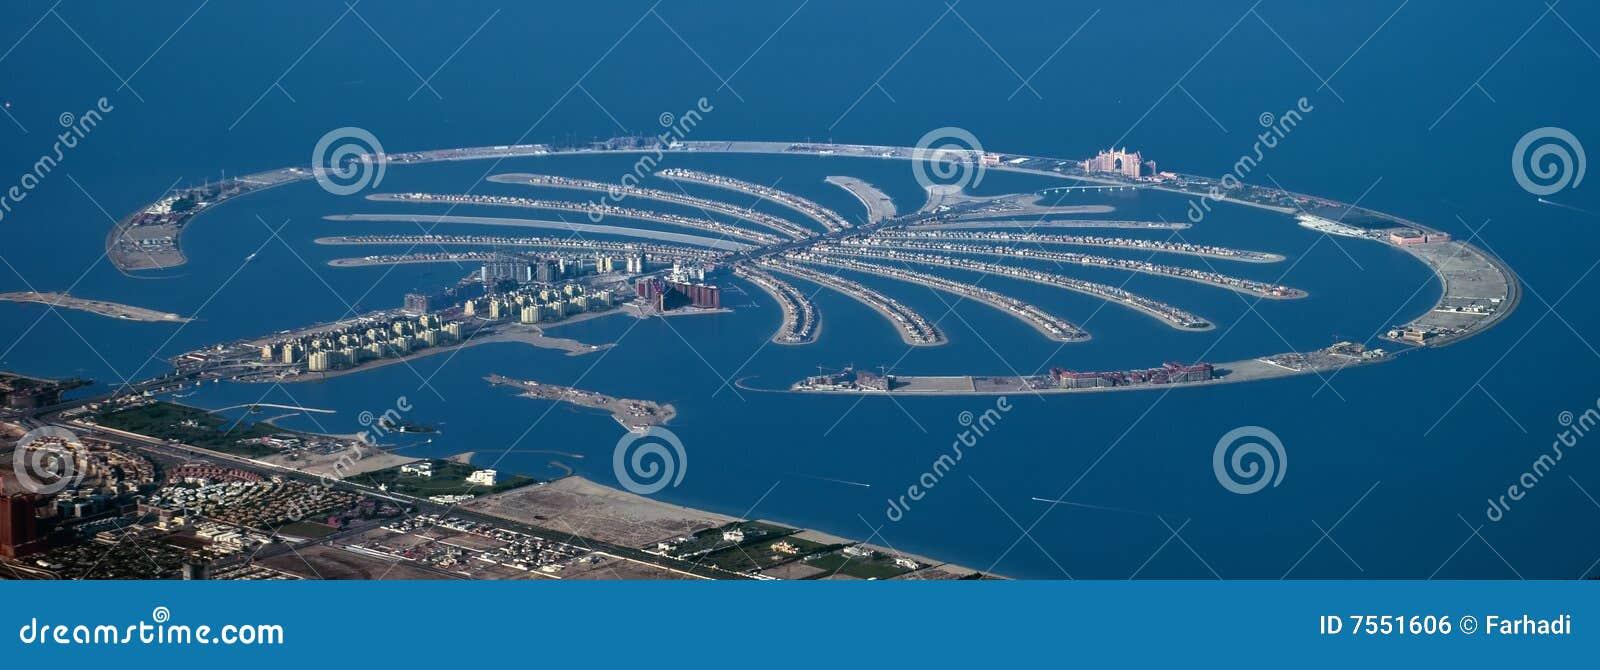 Dubai wyspy palma